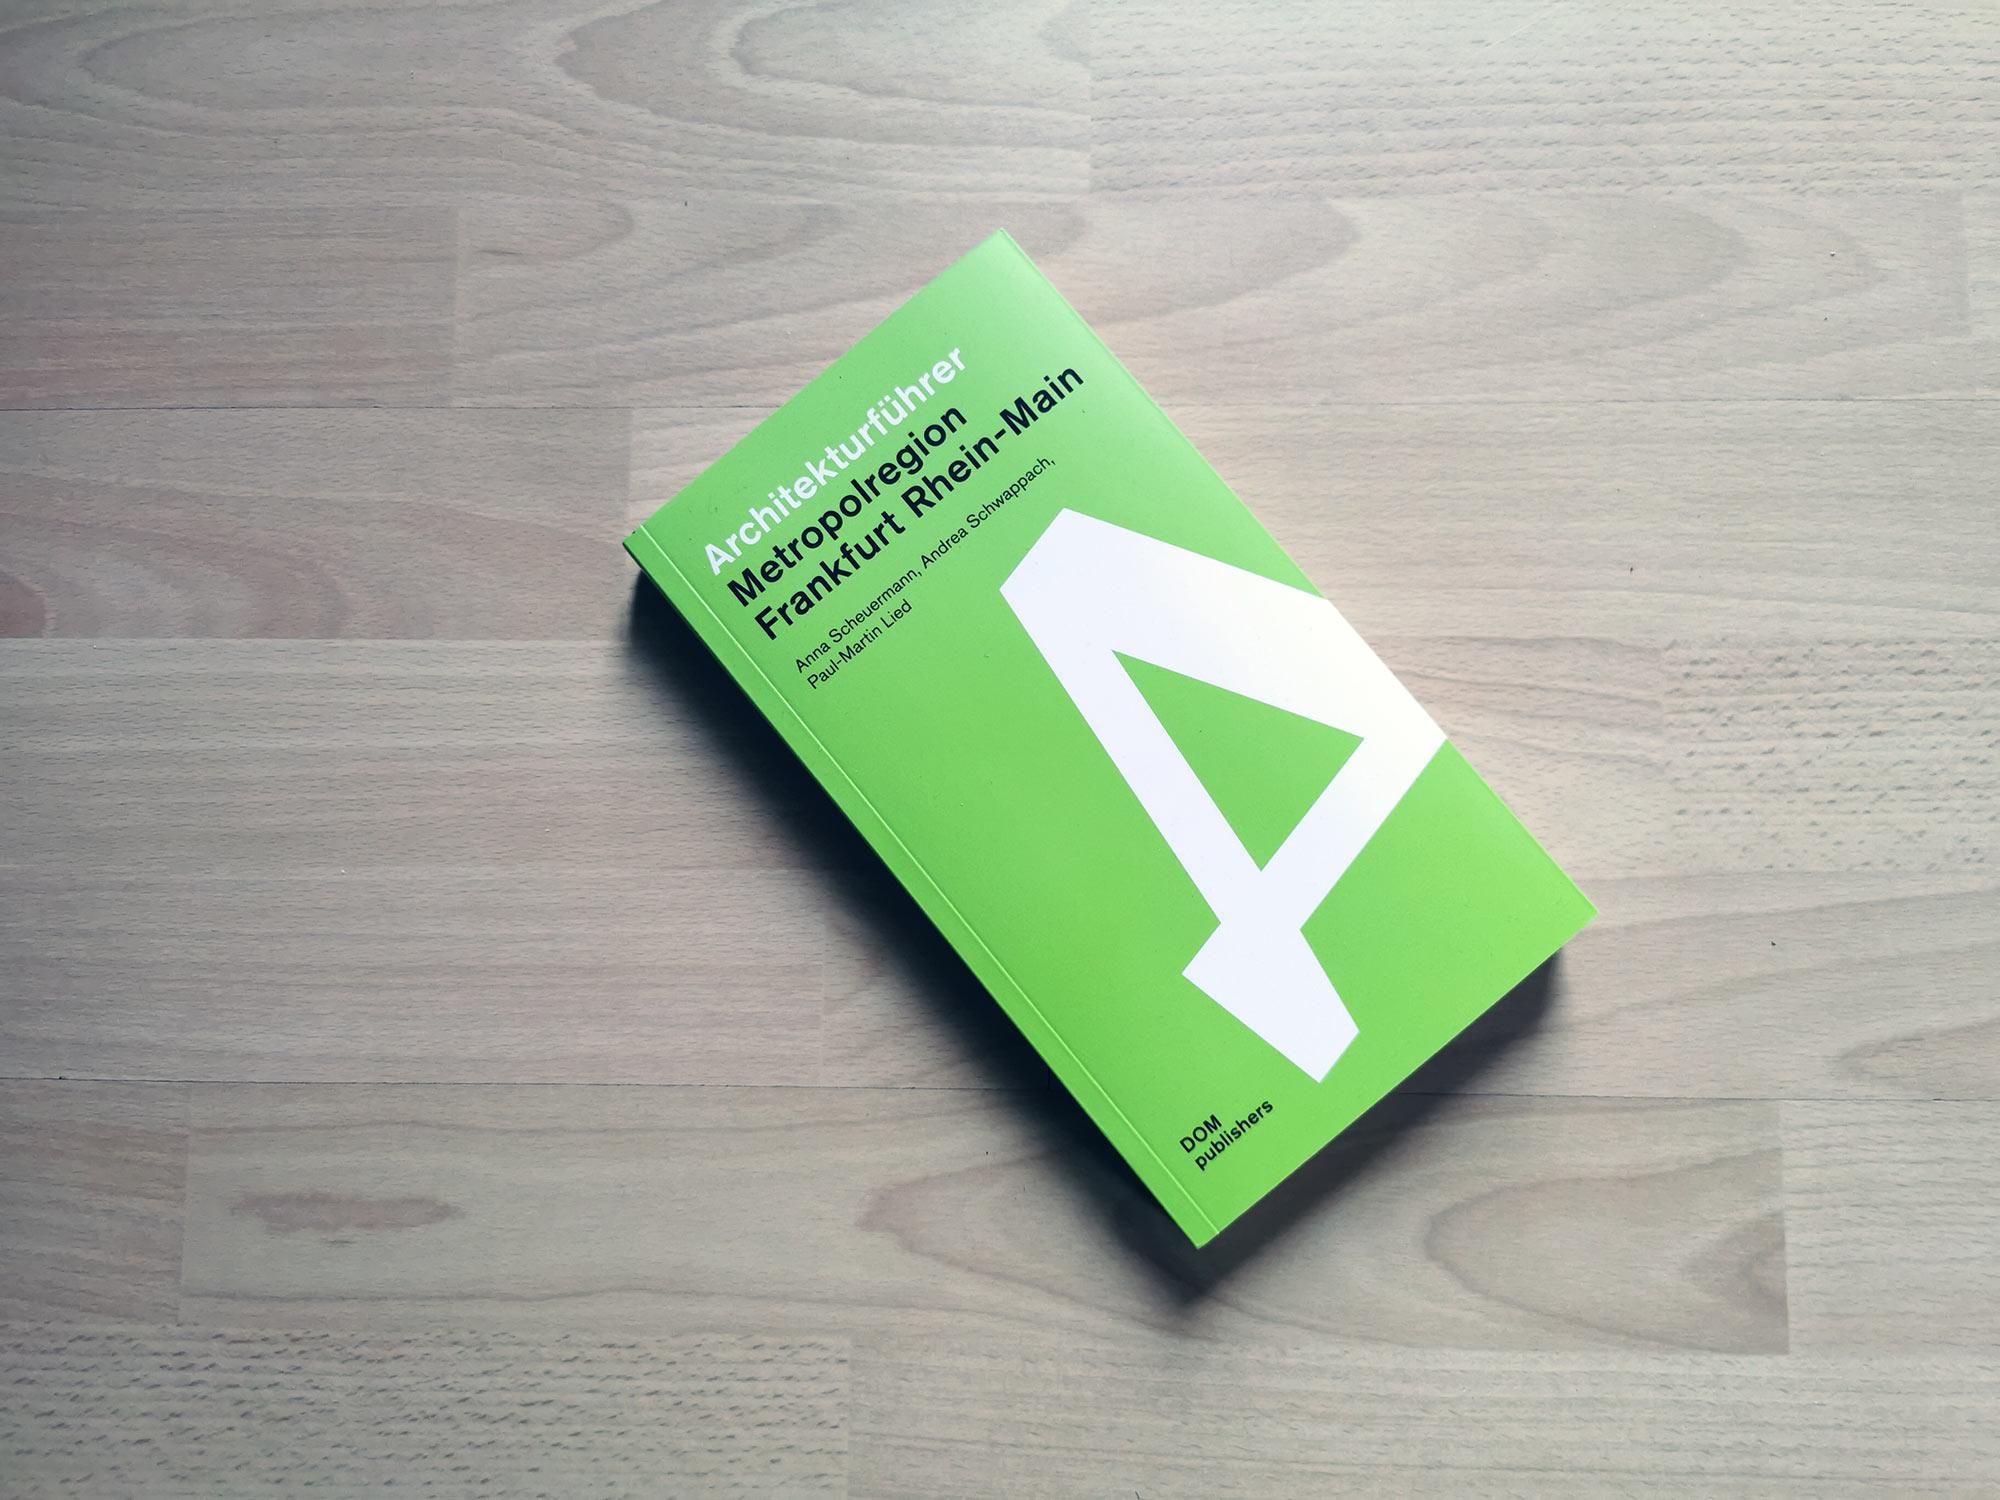 Frankfurt Architektur - Architekturführer Frankfurt Rhein-Main-Gebiet - dom publishers - Taschenbuch - Buch